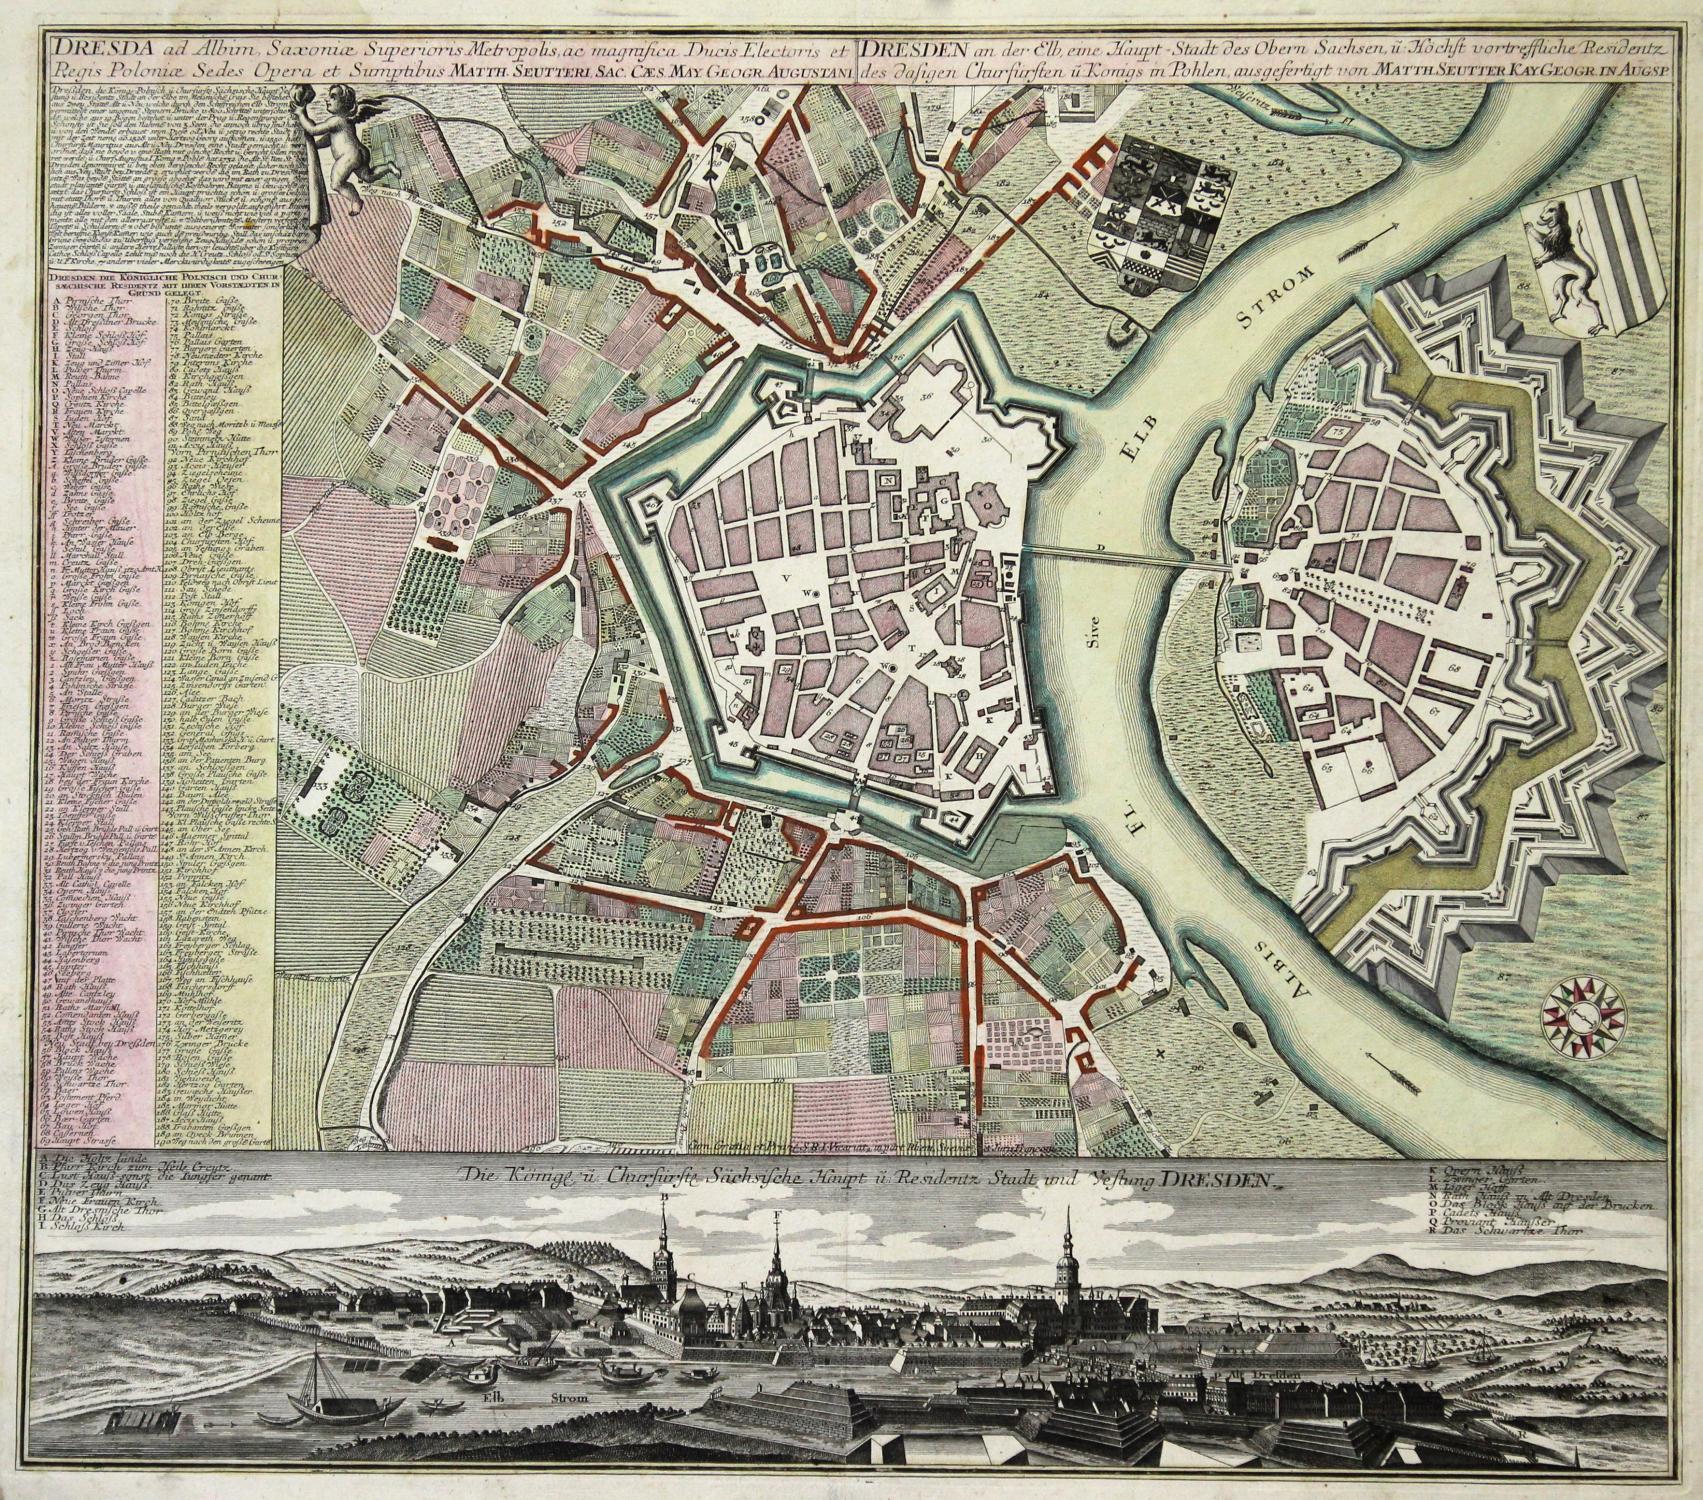 viaLibri ~ Rare Books from 1742 - Page 5